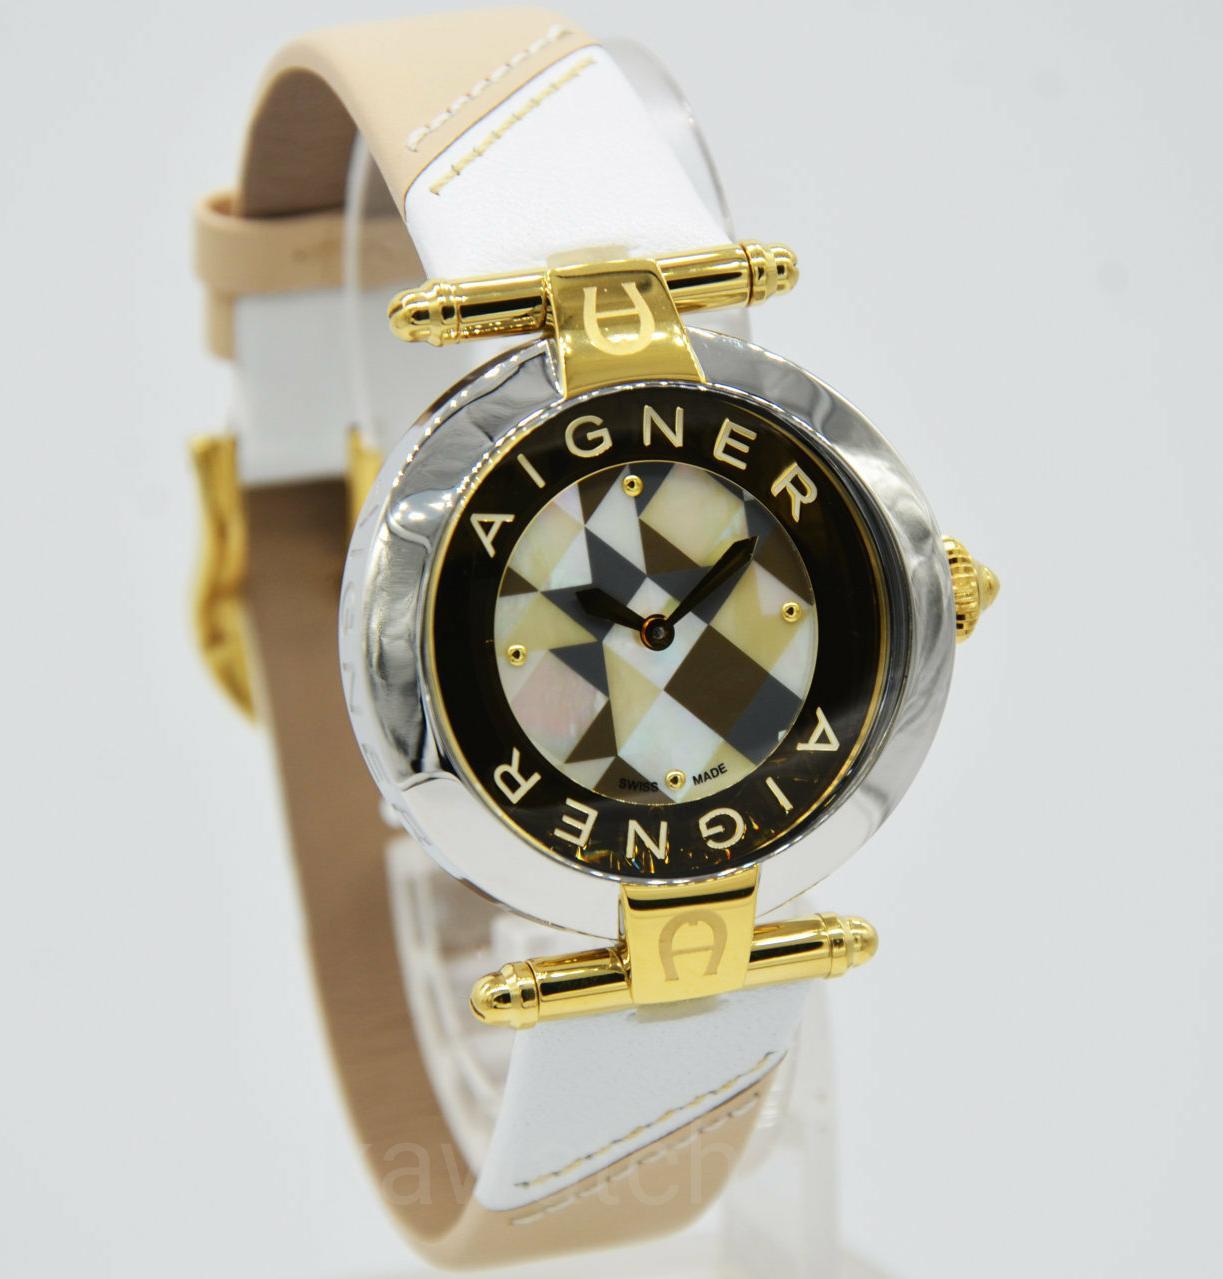 Aigner A31654 Genua Due Jam Tangan Wanita Stainless Gold Harga A19250 Capri Iii Merah Siena Original A16255 Garansi Resmi 2 Th